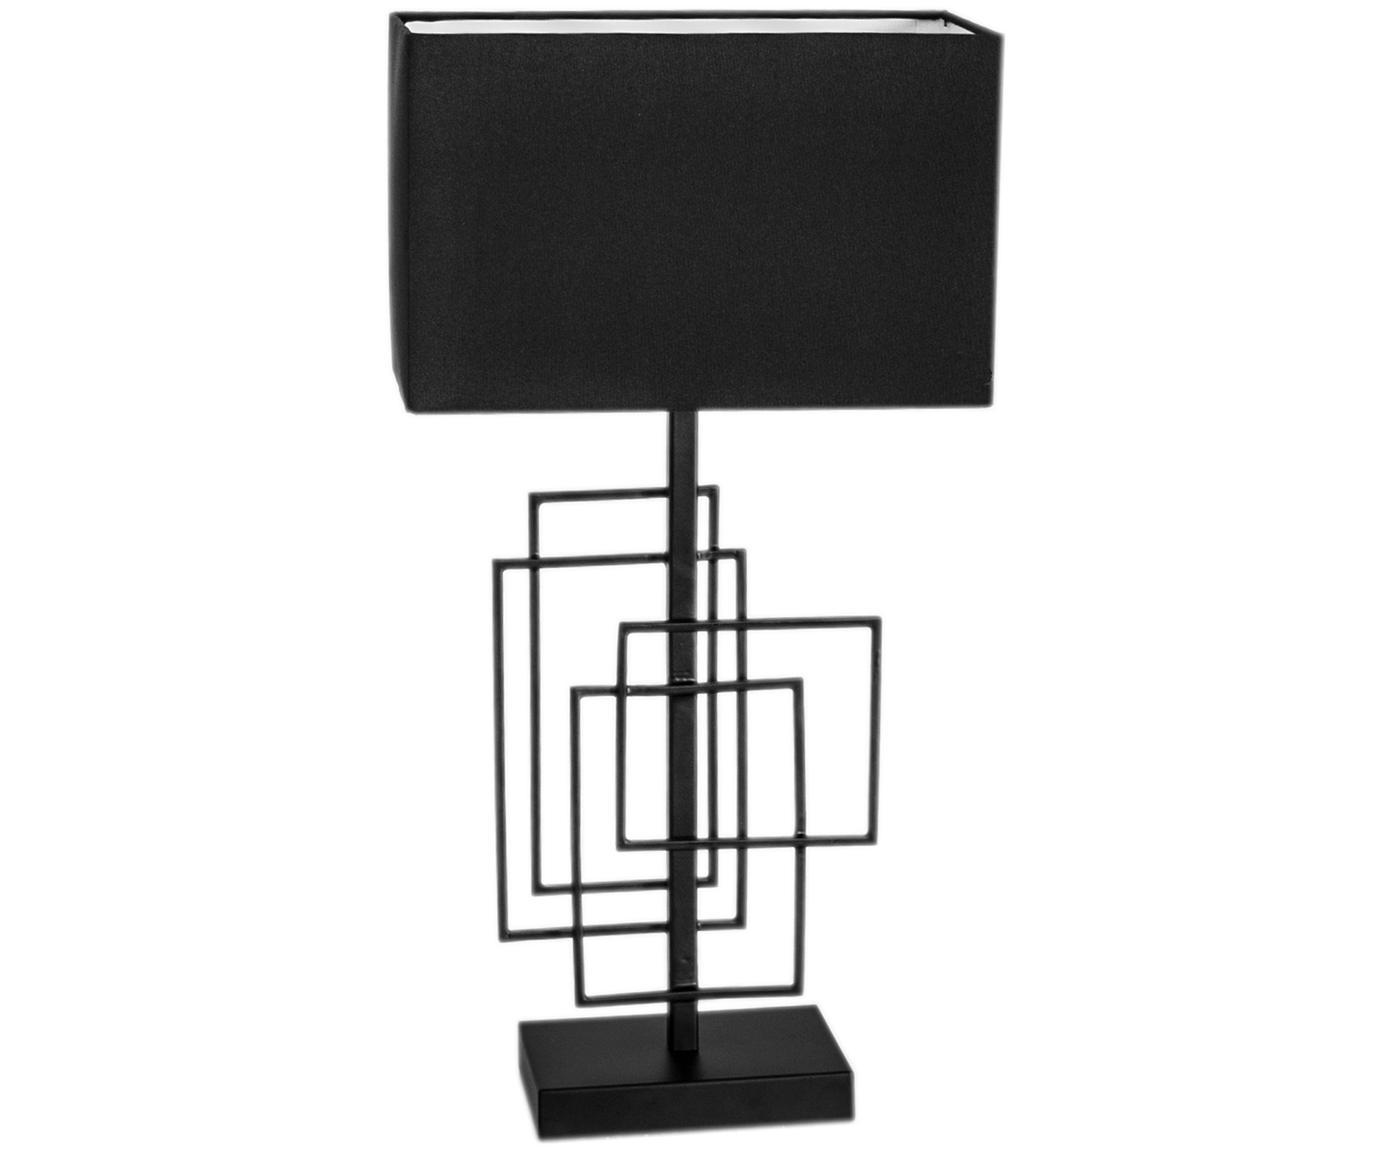 Tischleuchte Paragon aus Leinen, Gestell: Metall, pulverbeschichtet, Lampenschirm: Leinen, Schwarz, 27 x 52 cm